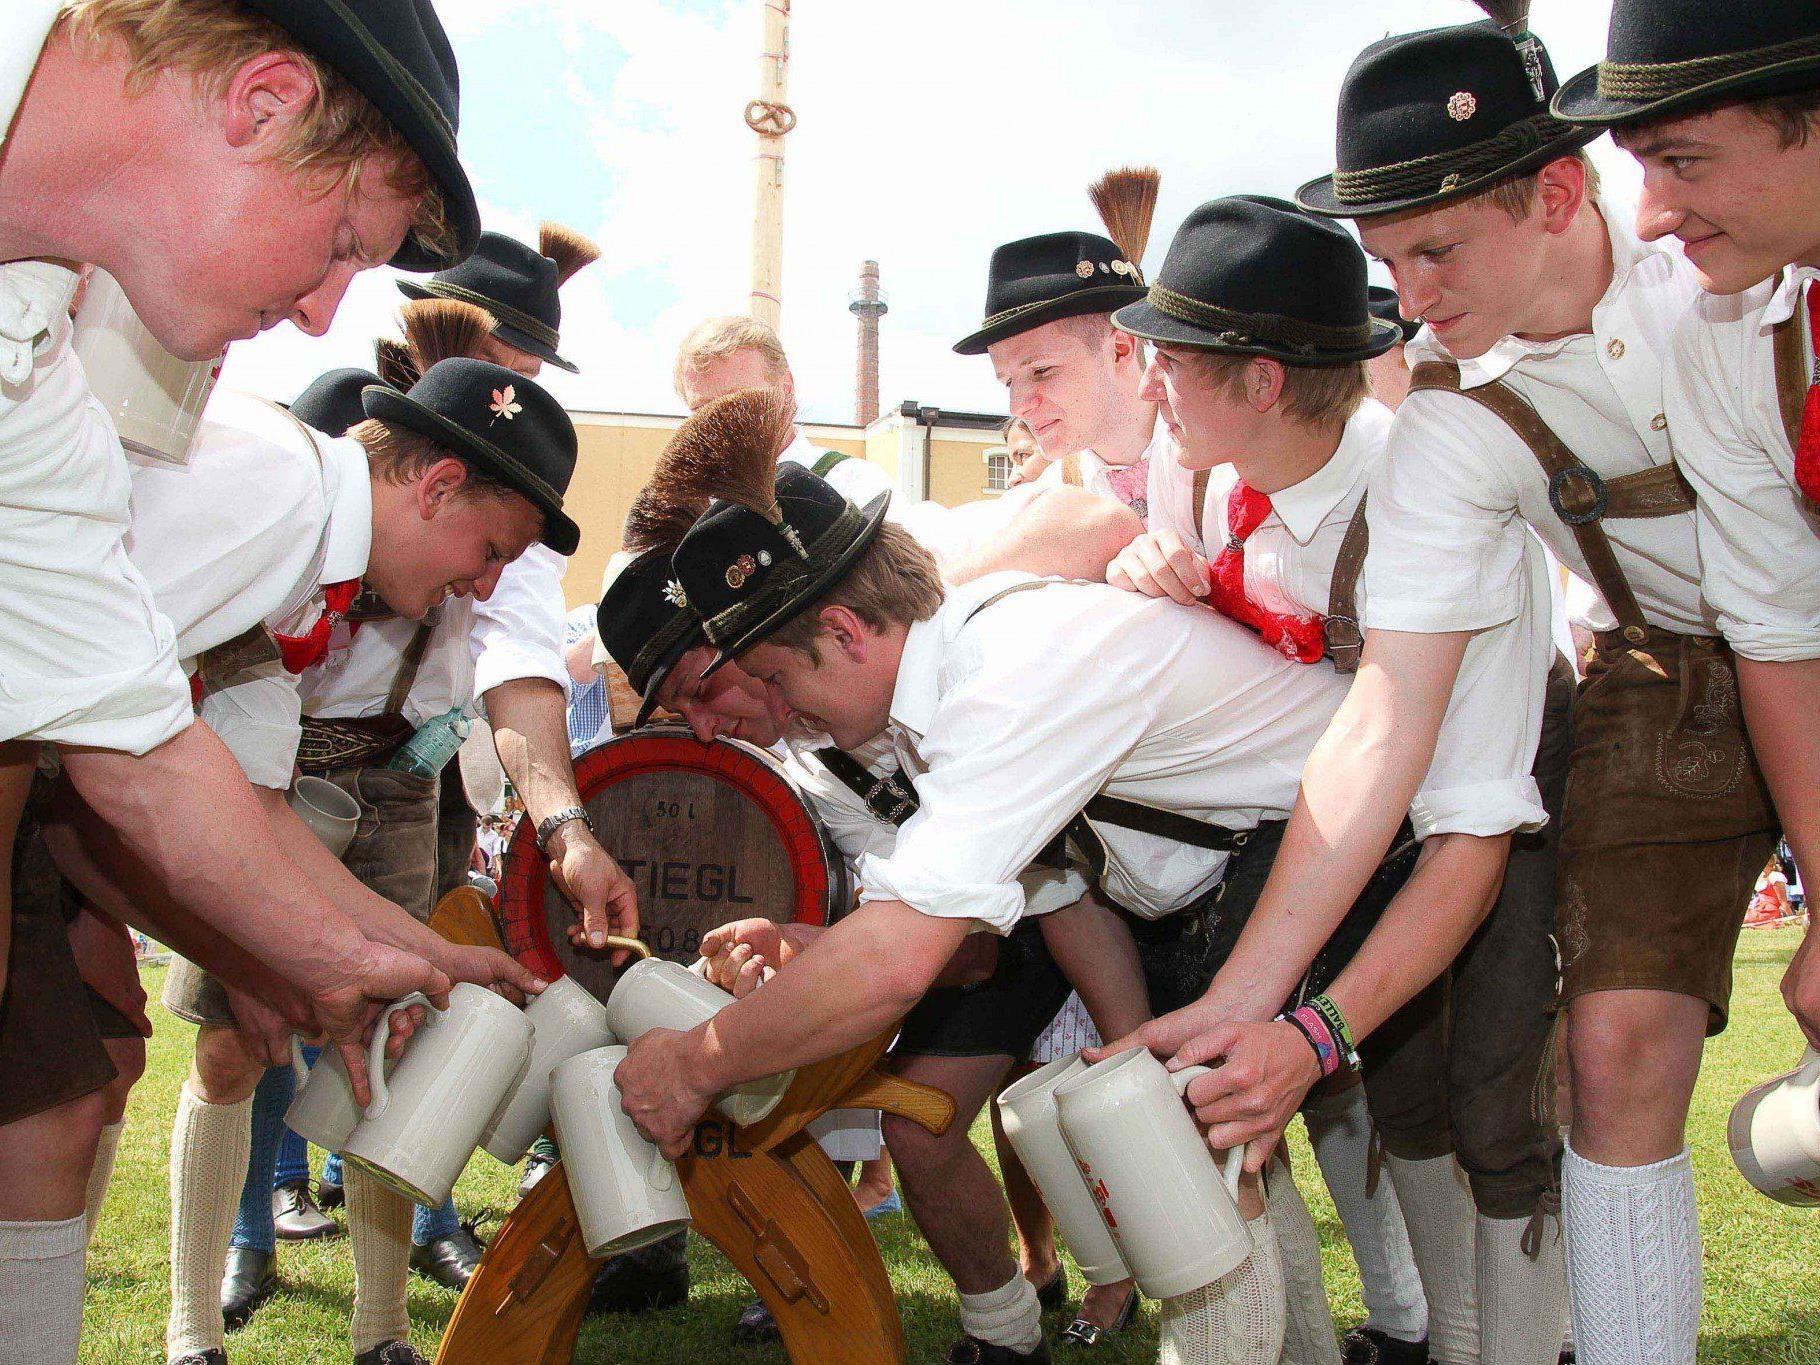 Am 4. Mai wird das Maifest in der Stiegl-Brauerei gefeiert.